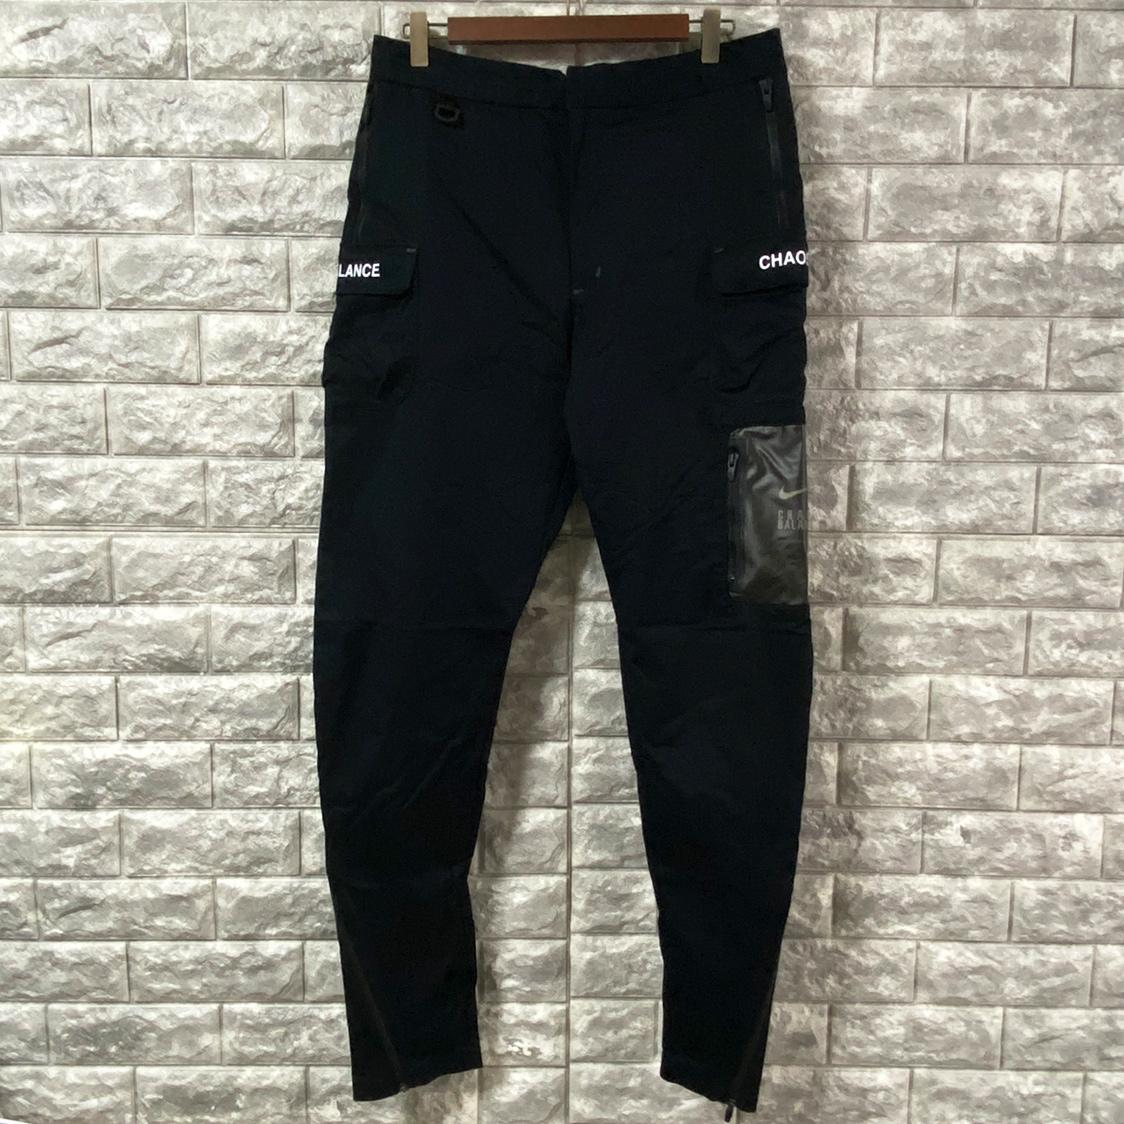 新品 NIKE LAB ナイキ × UNDERCOVER アンダーカバー 【サイズM】 CARGO PANTS Black カーゴパンツ ブラック